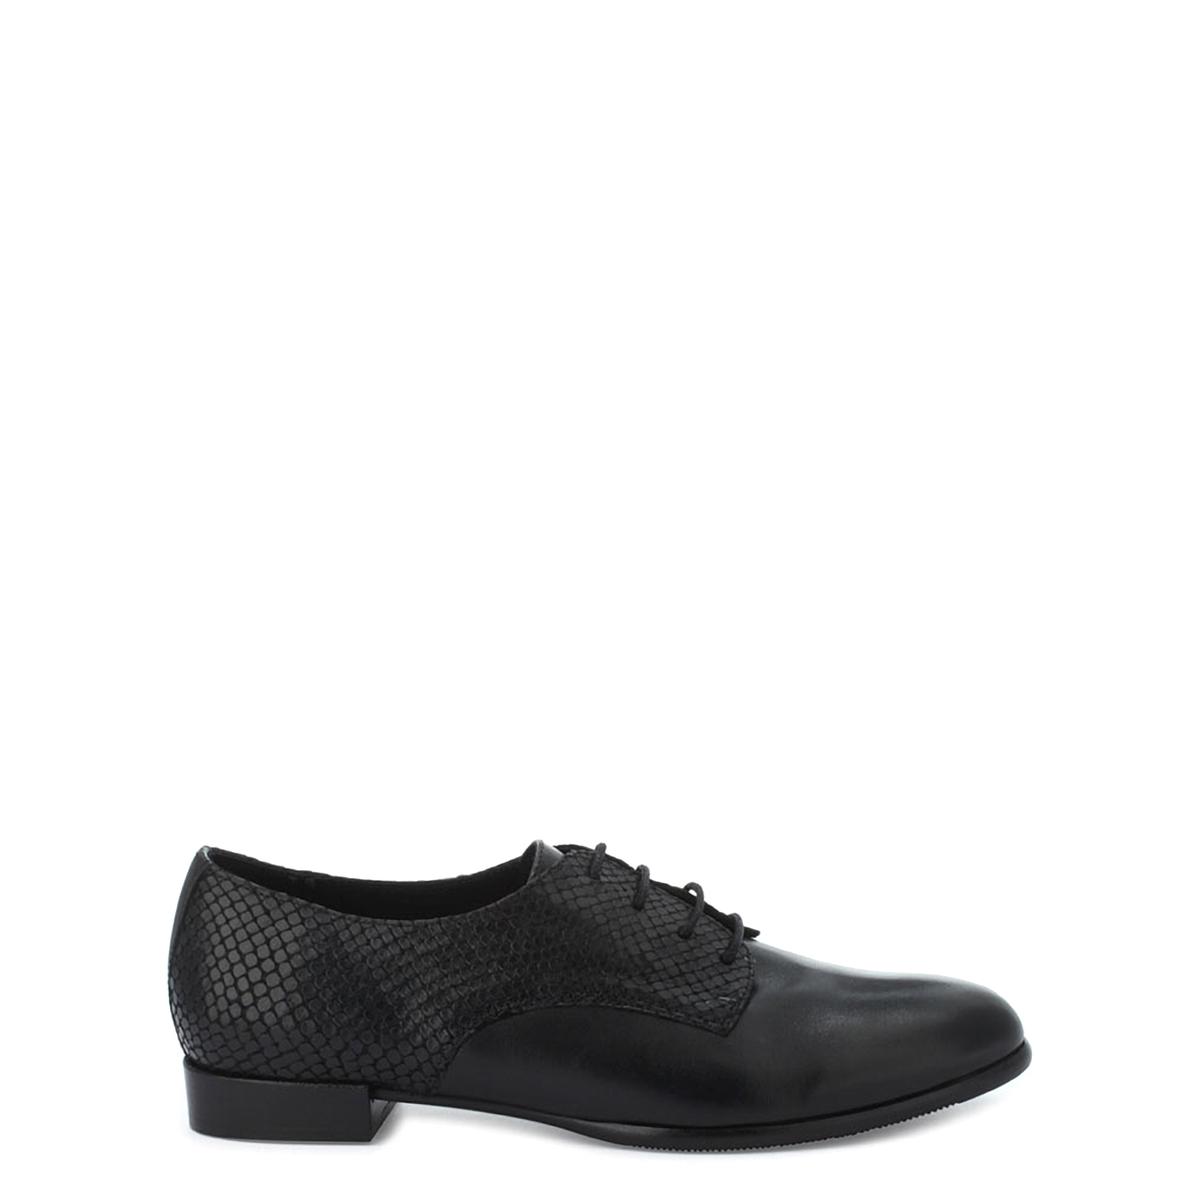 Ботинки-дерби кожаные Evaya/ Rept ботинки дерби